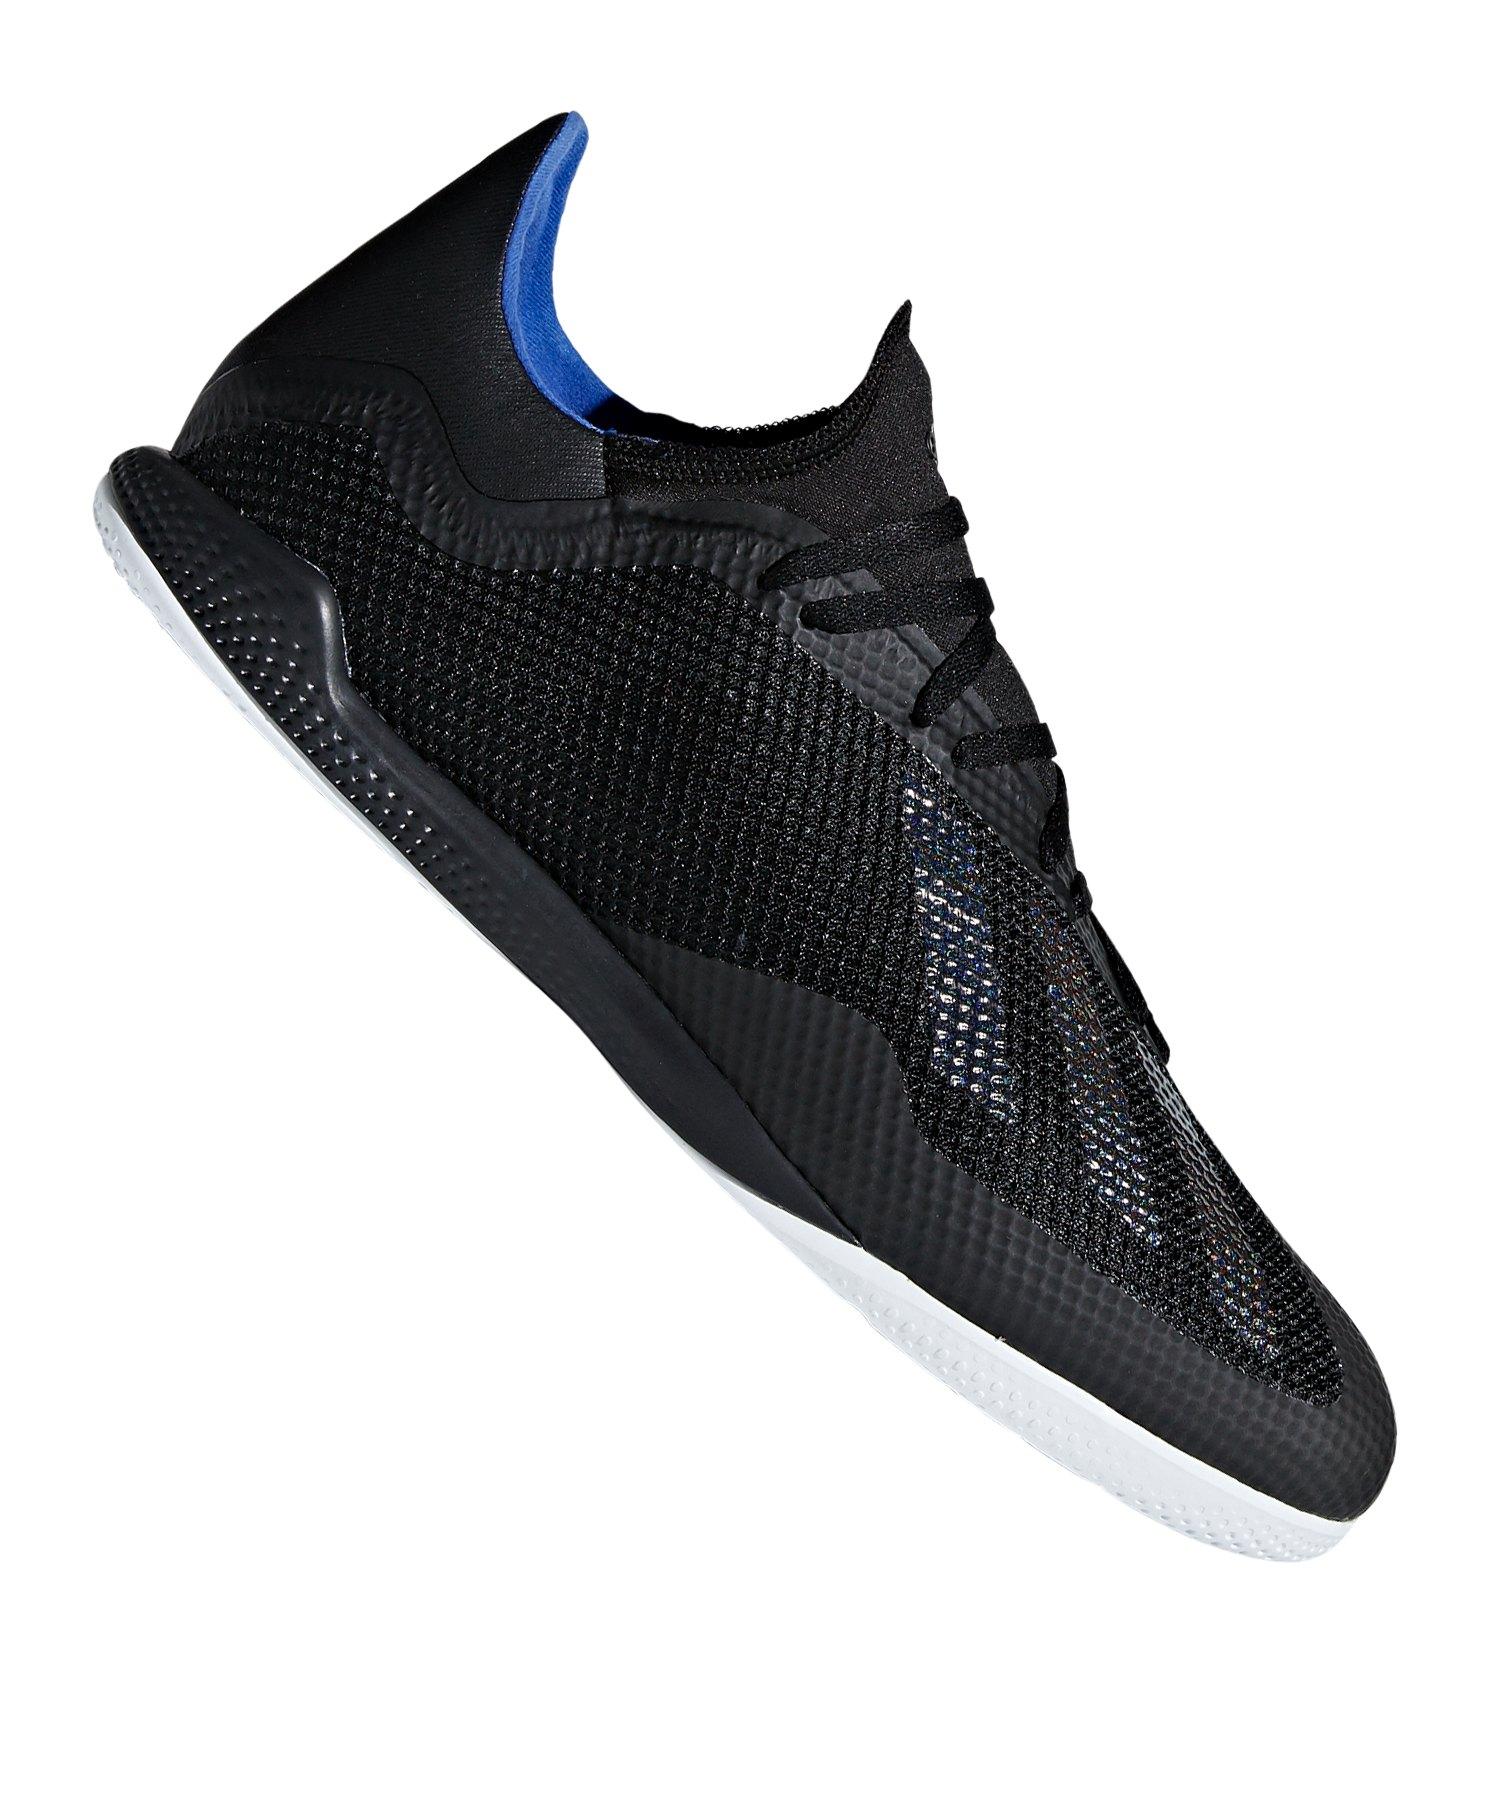 adidas X 18.3 IN Halle Schwarz - schwarz